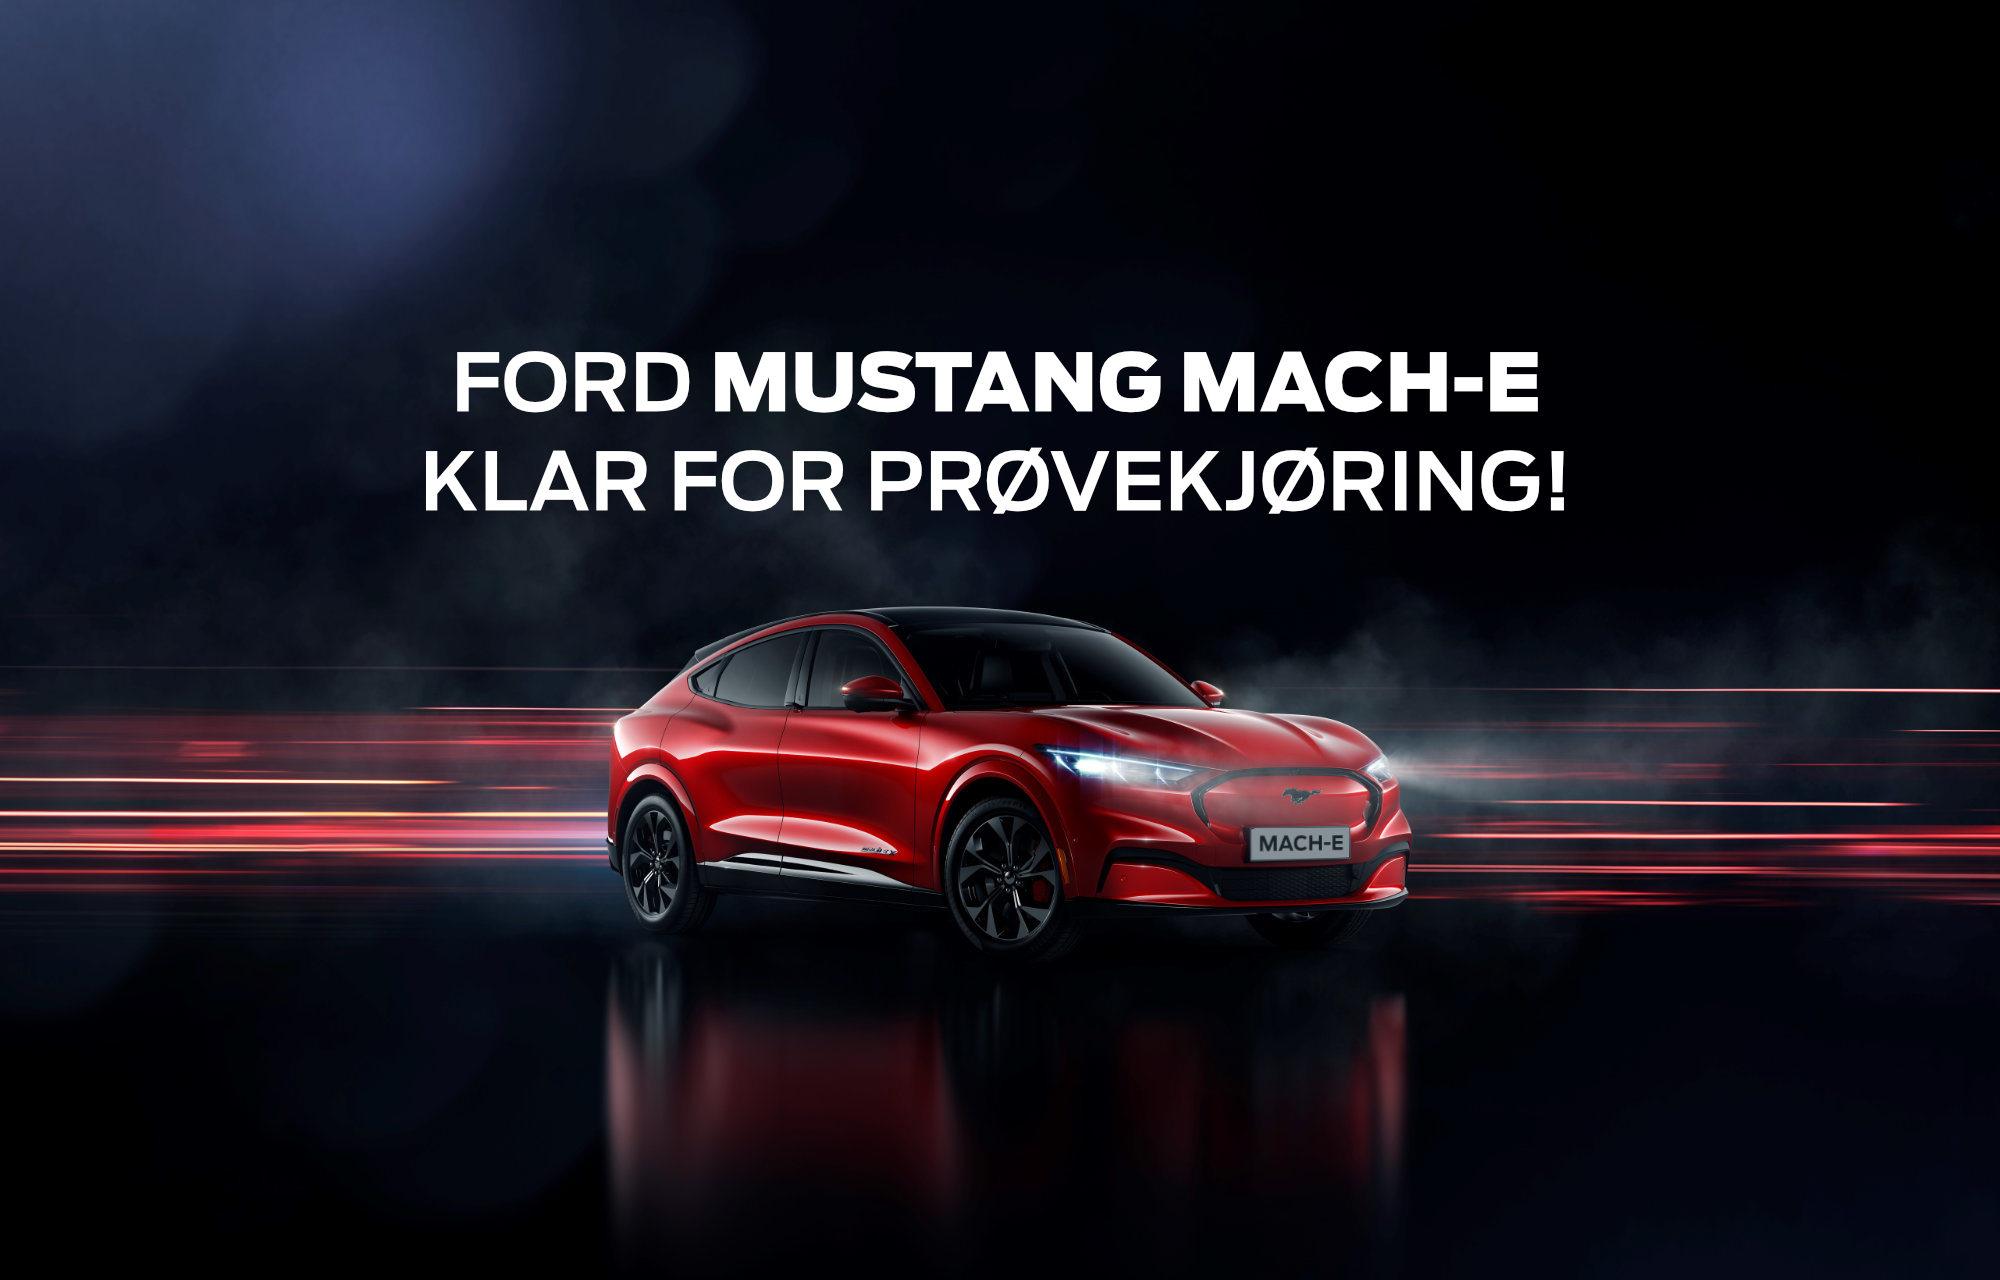 Ford Mustang Mach-E klar for prøvekjøring!